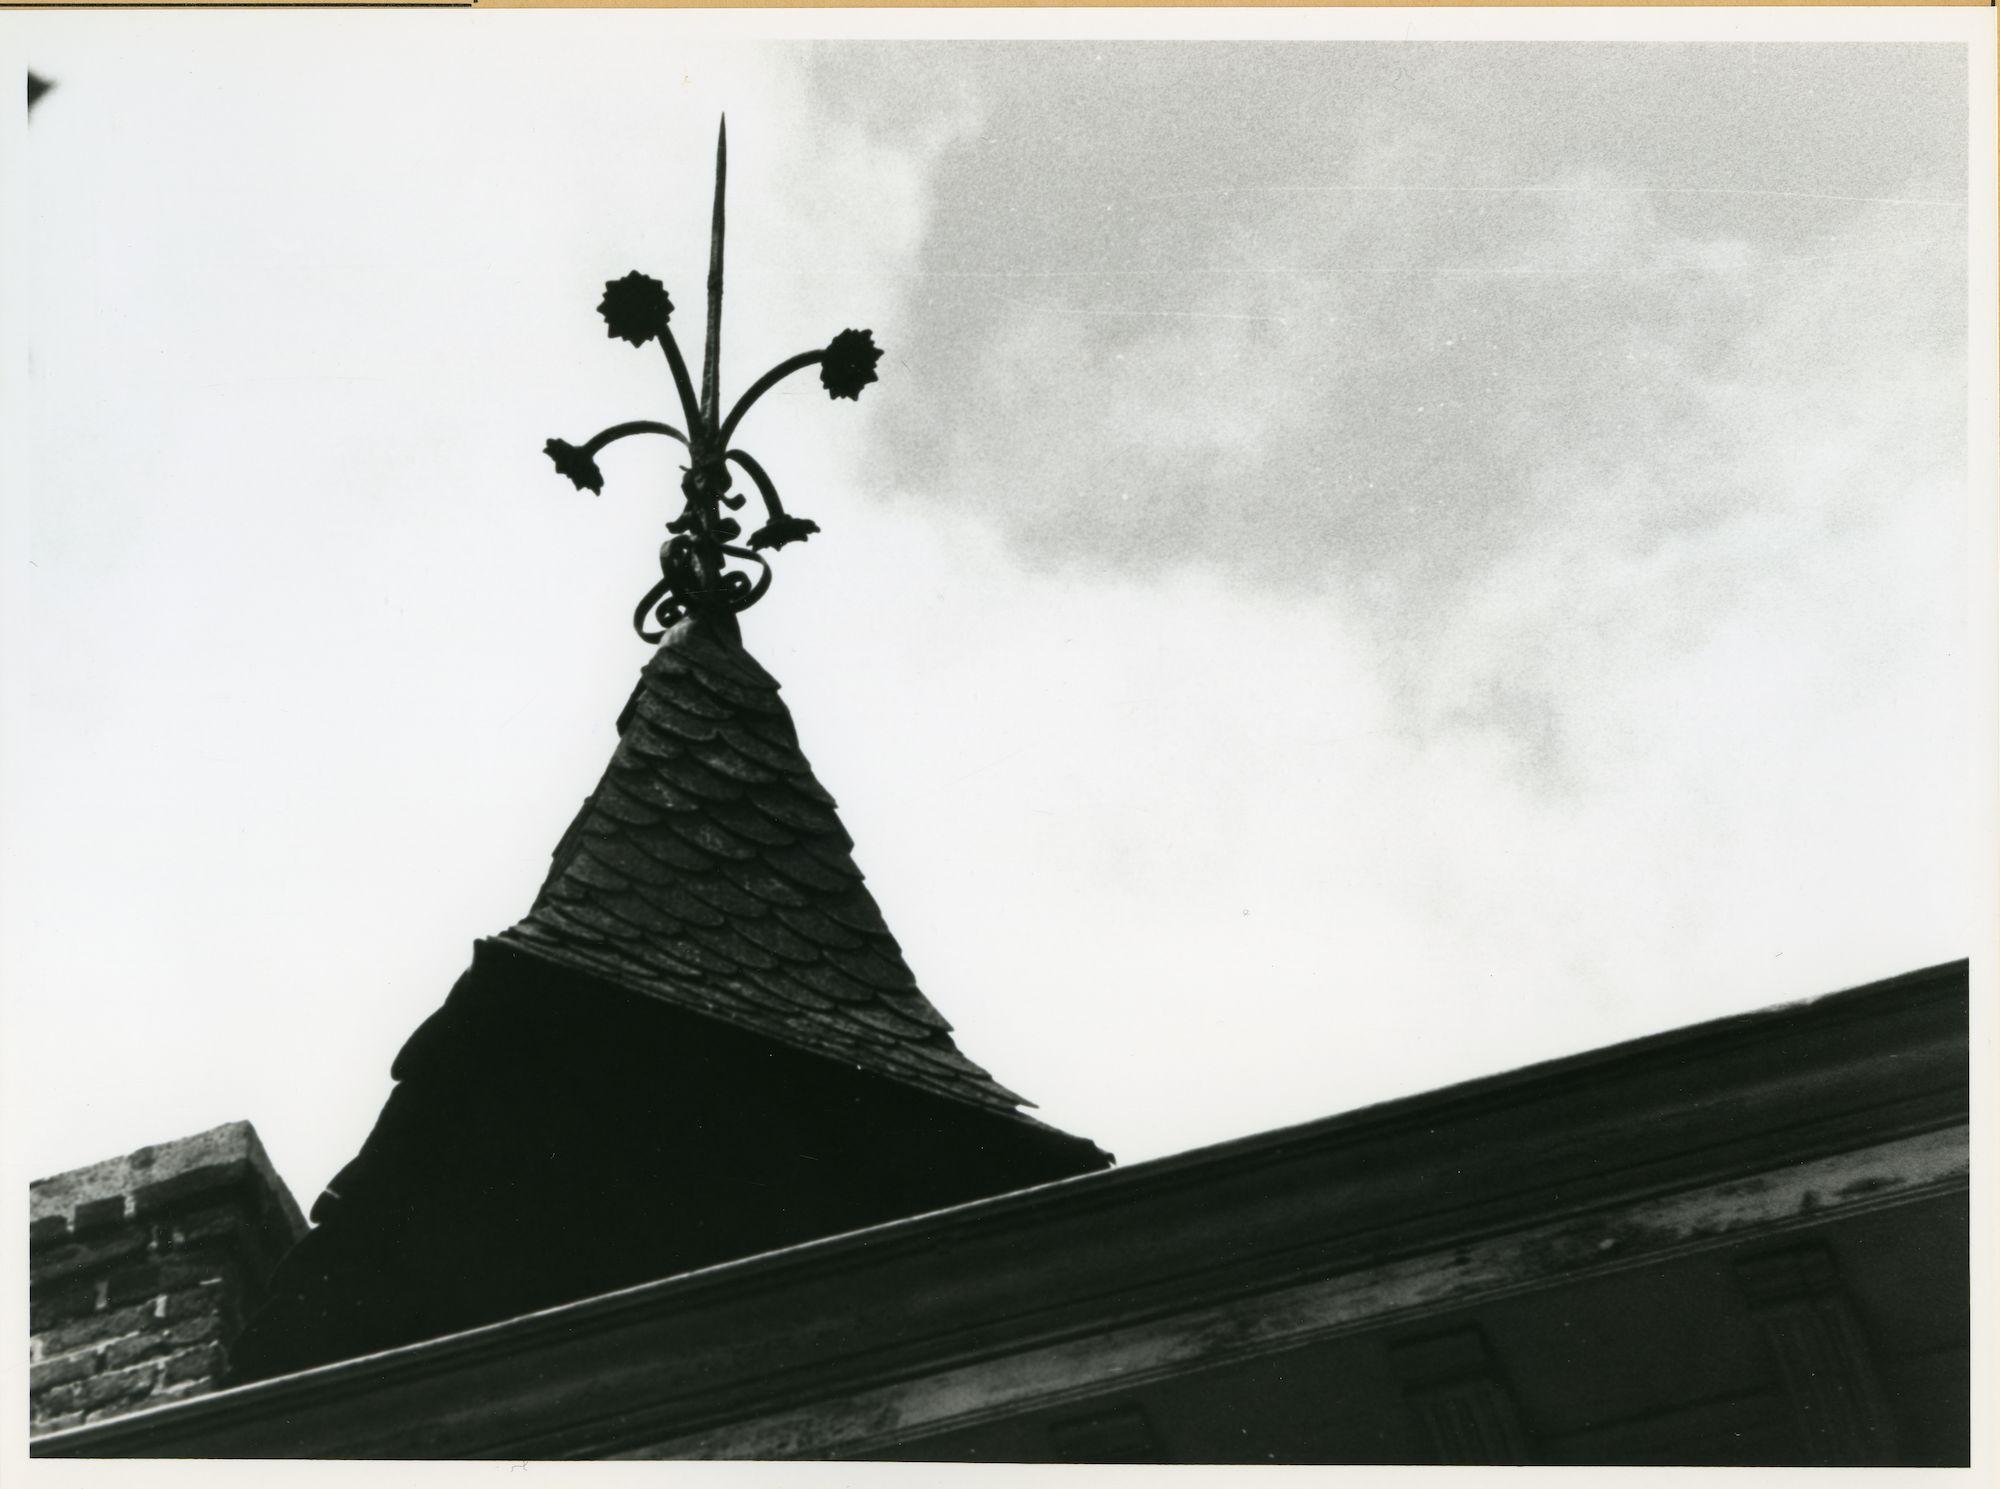 Gent: Parklaan: Nokversiering, 1979